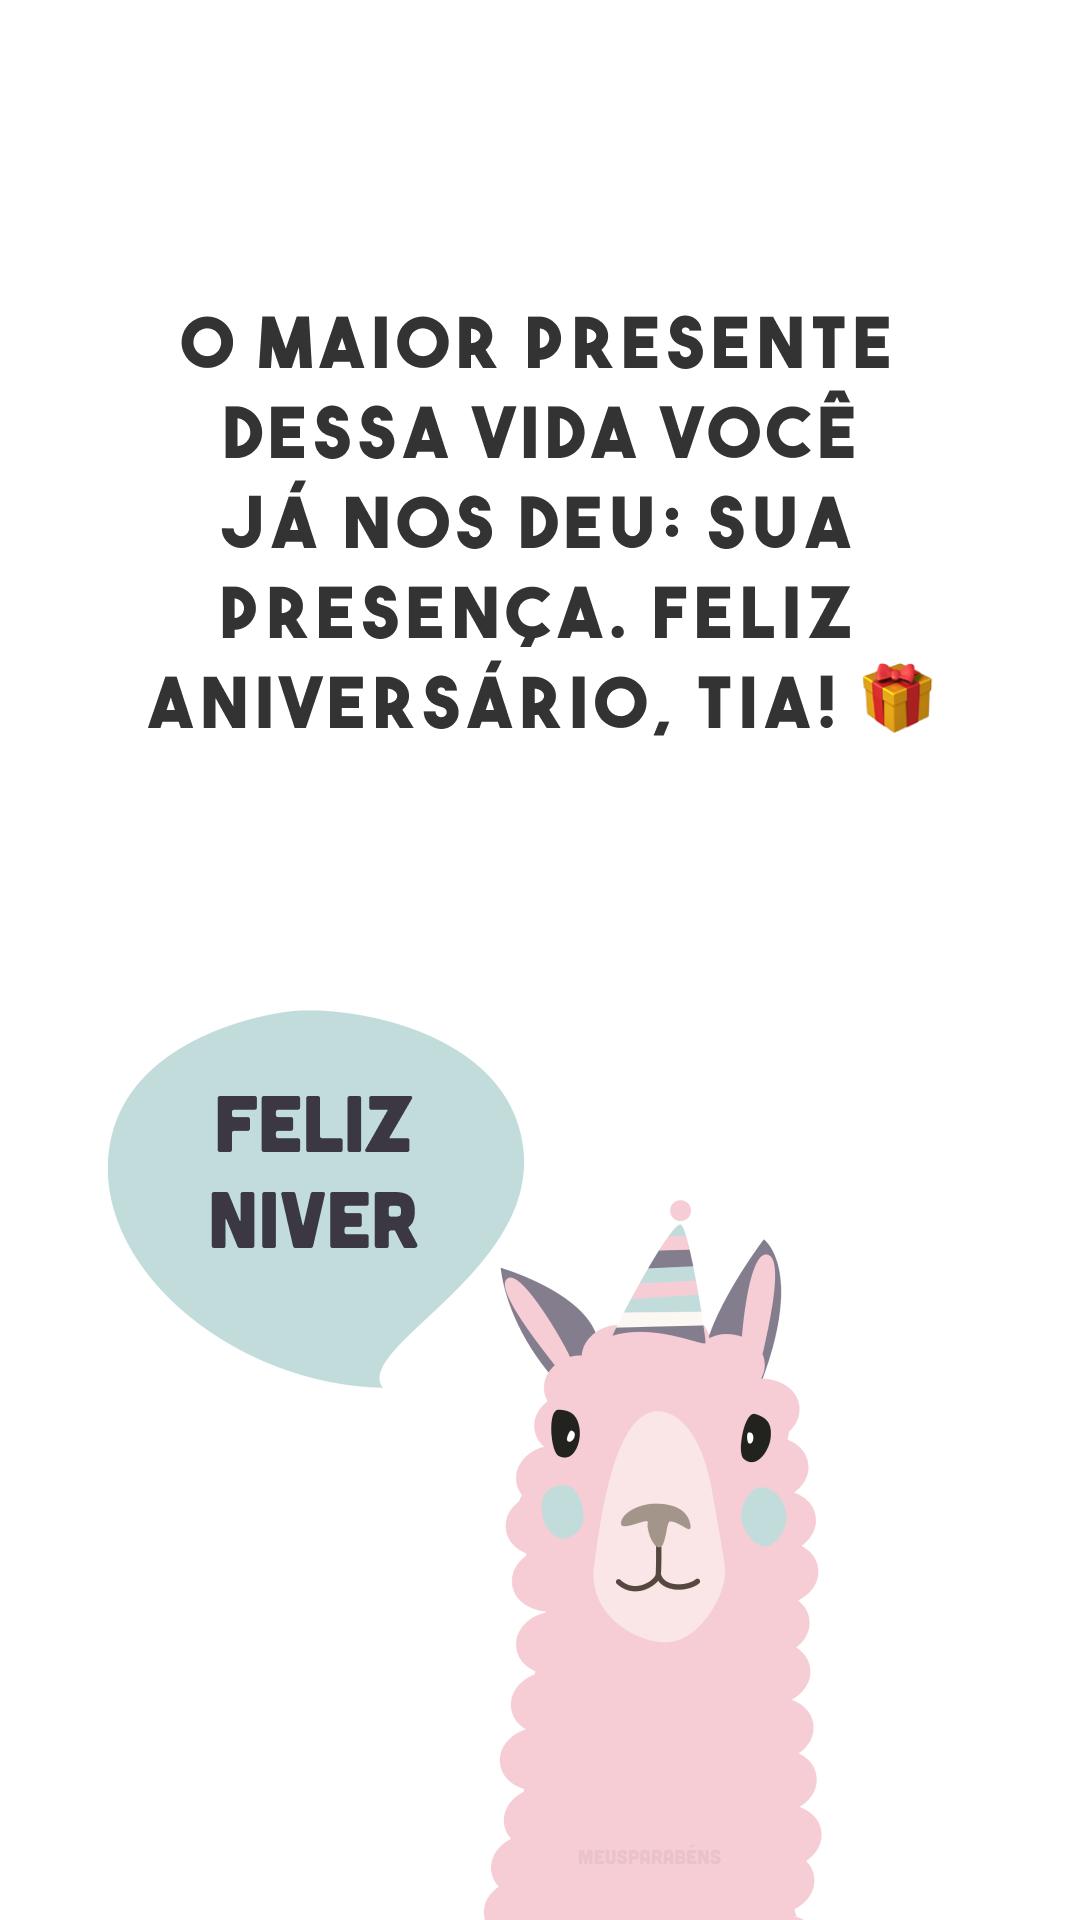 O maior presente dessa vida você já nos deu: sua presença. Feliz aniversário, tia! 🎁